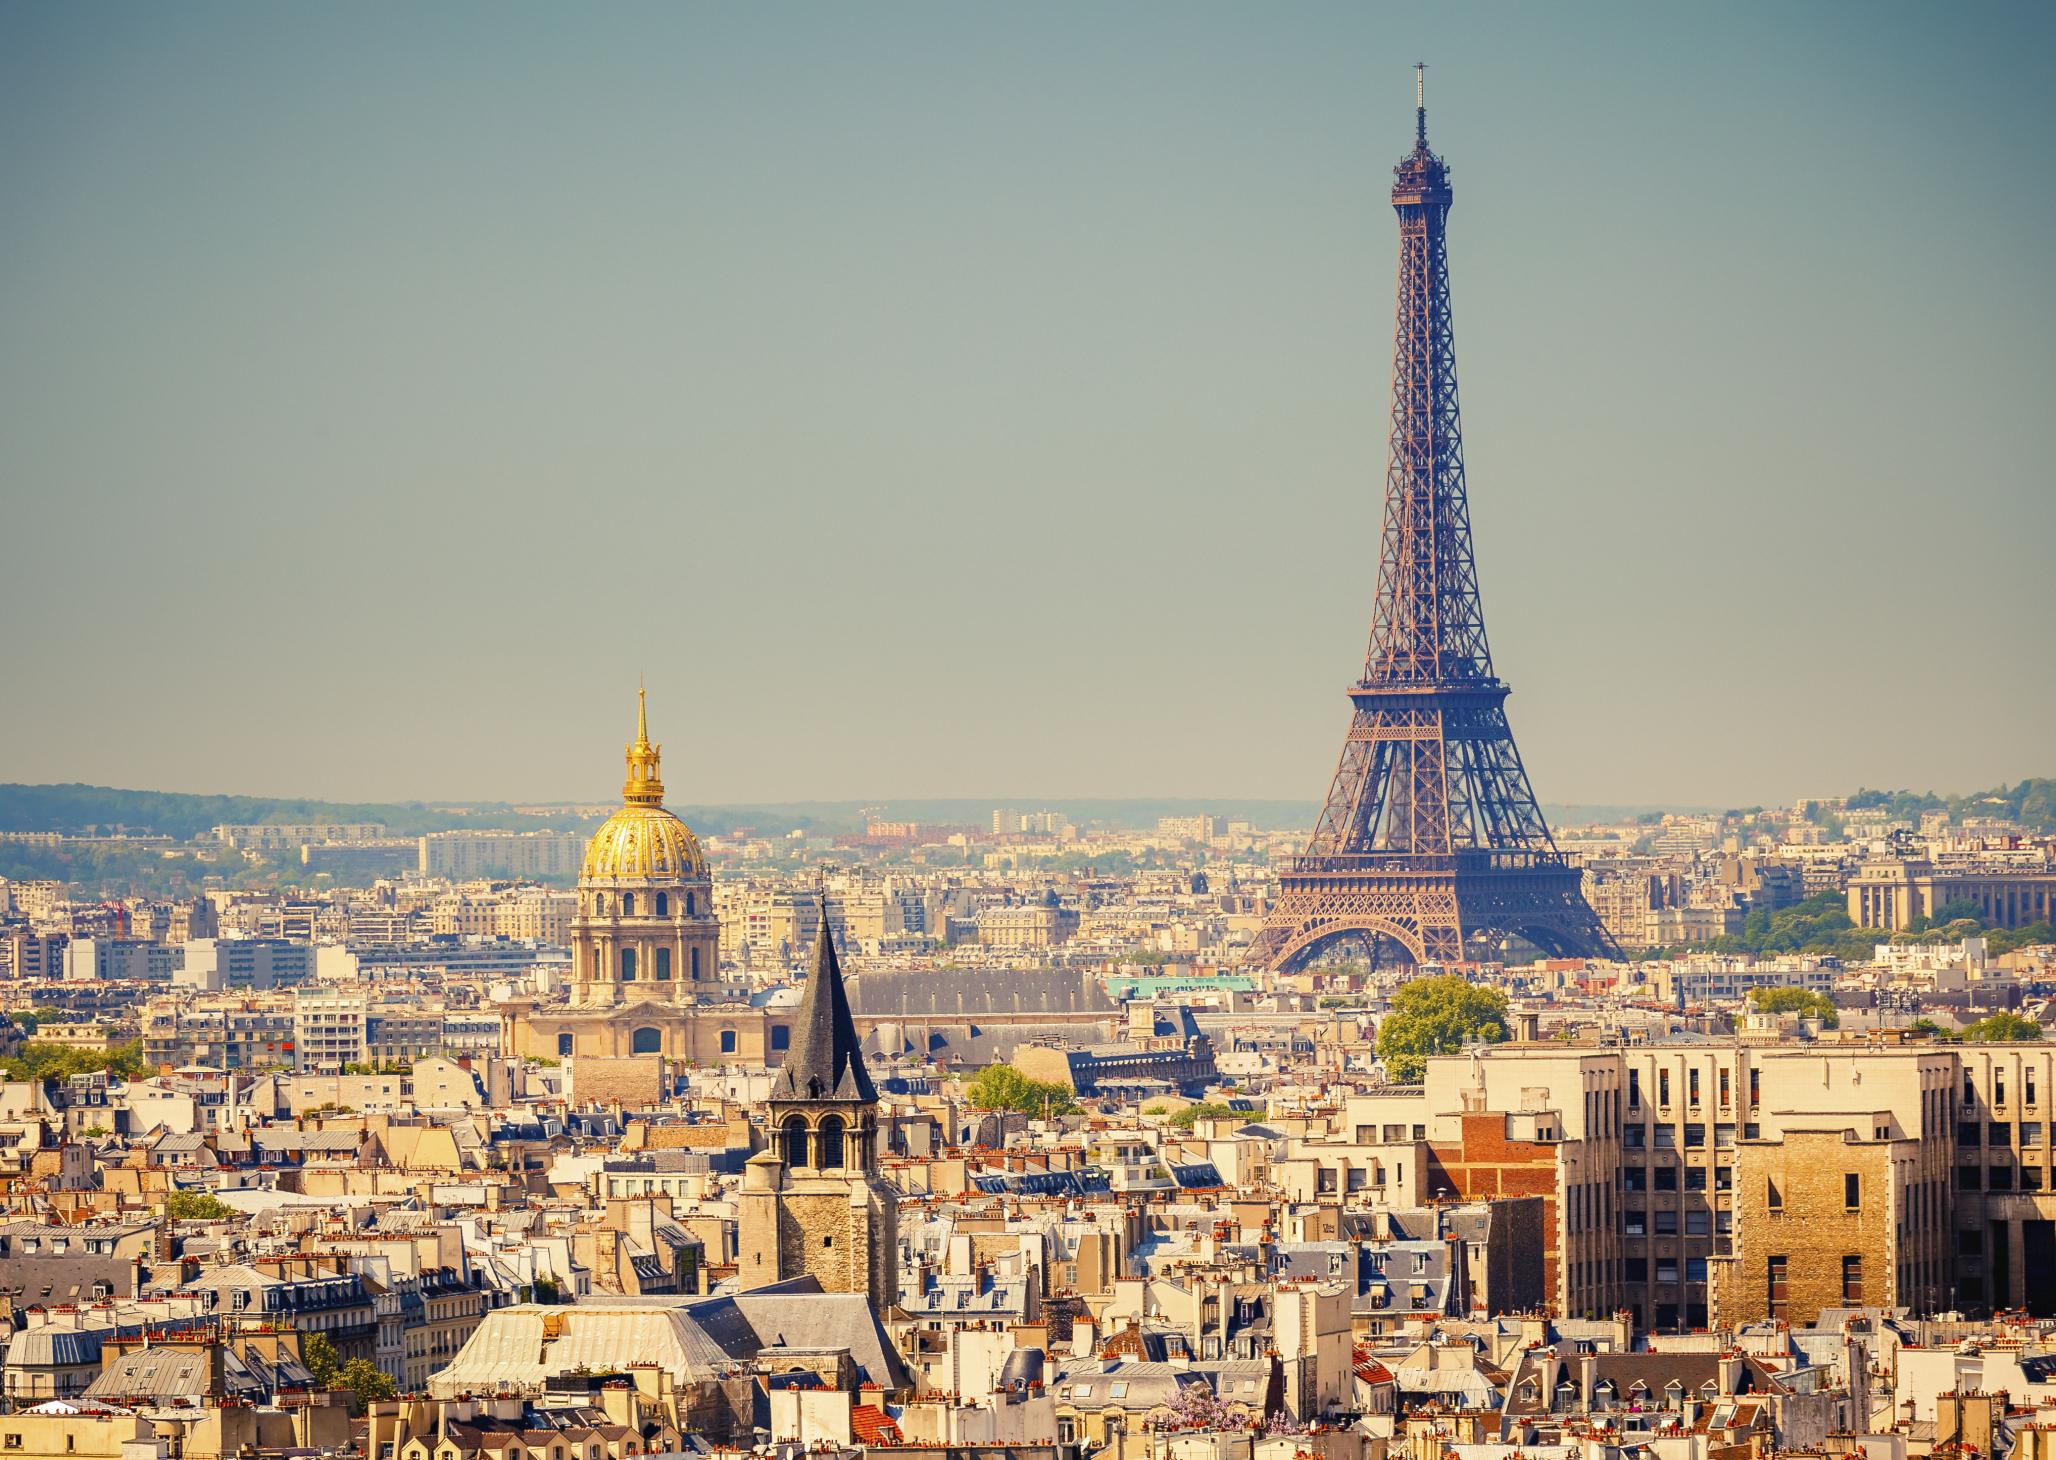 Pariz putovanje autobusom cene aranžmana last minute